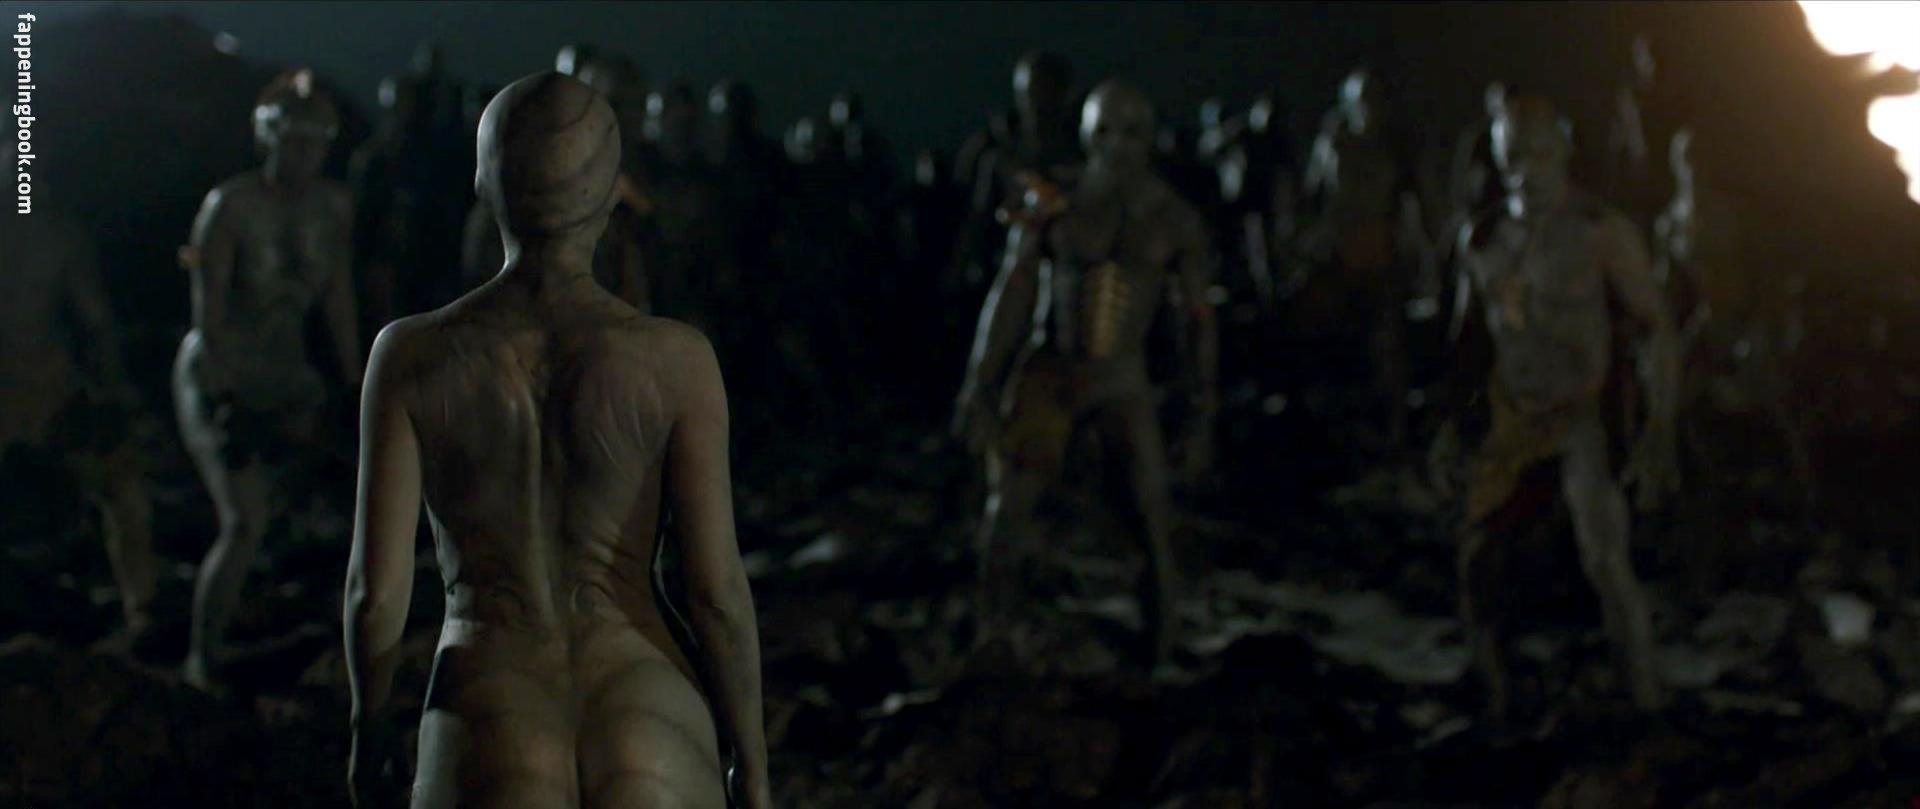 Nude aura garrido Aura Garrido